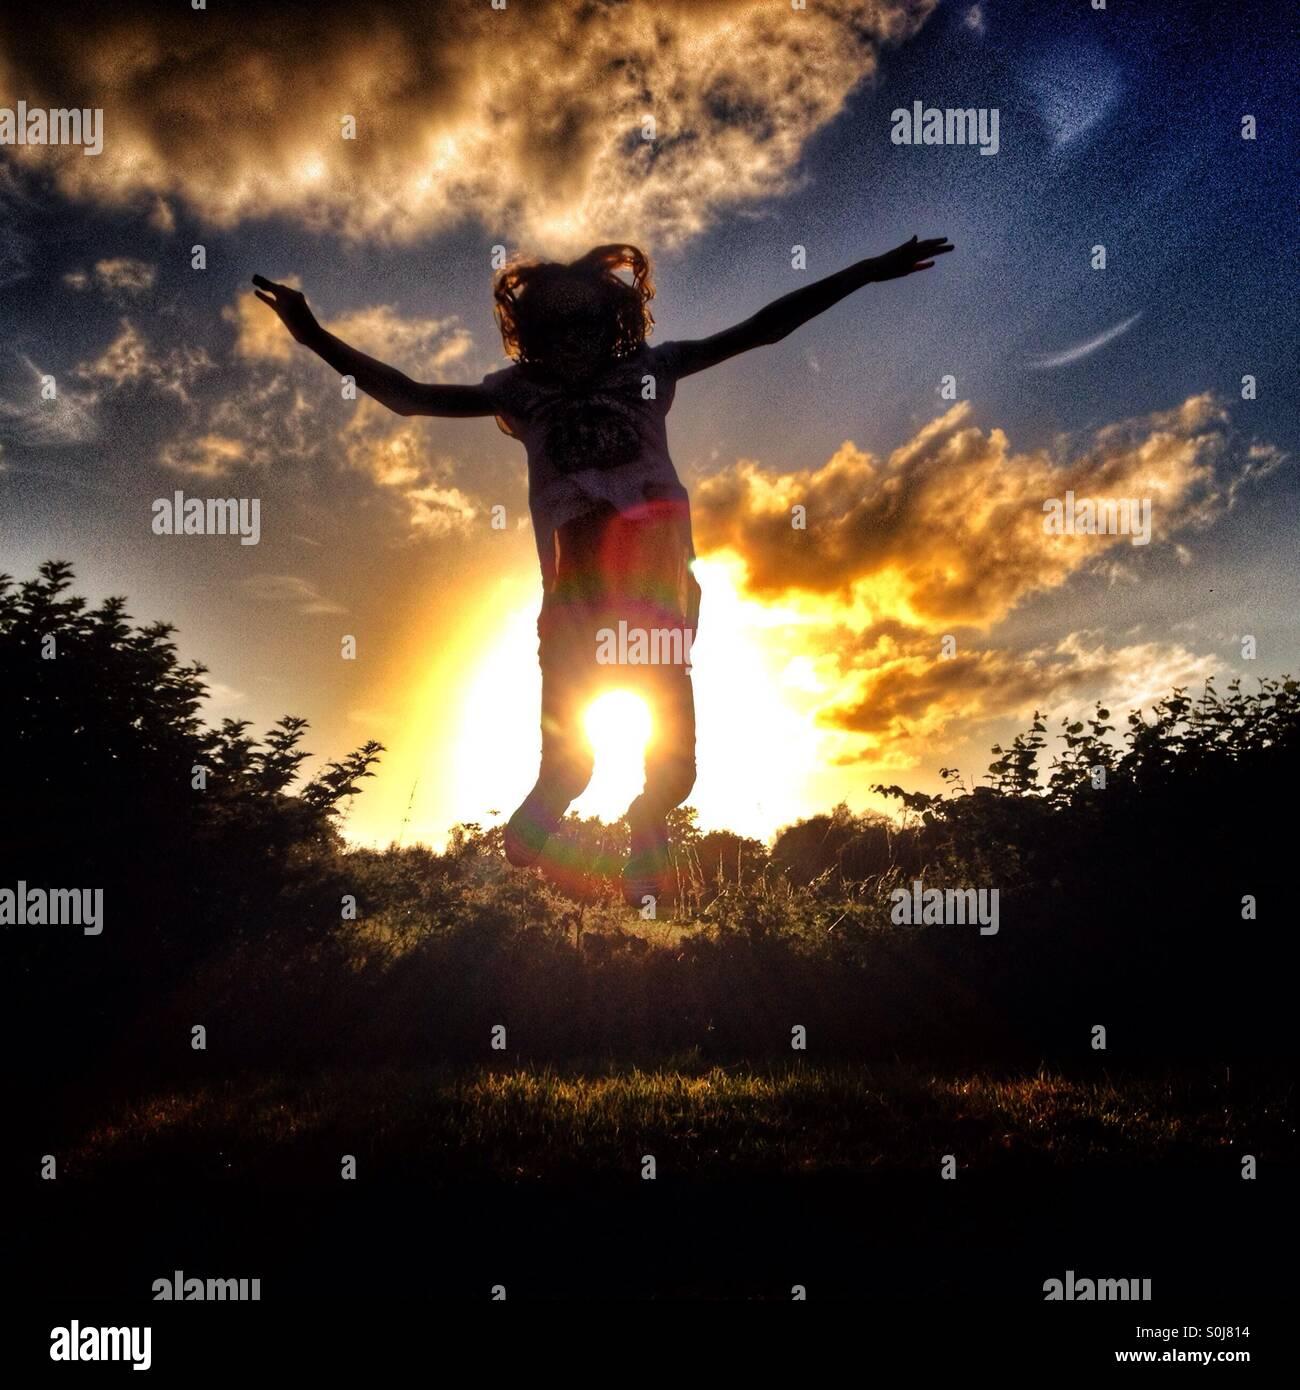 Niña salta de alegría en silueta contra el sol poniente Imagen De Stock